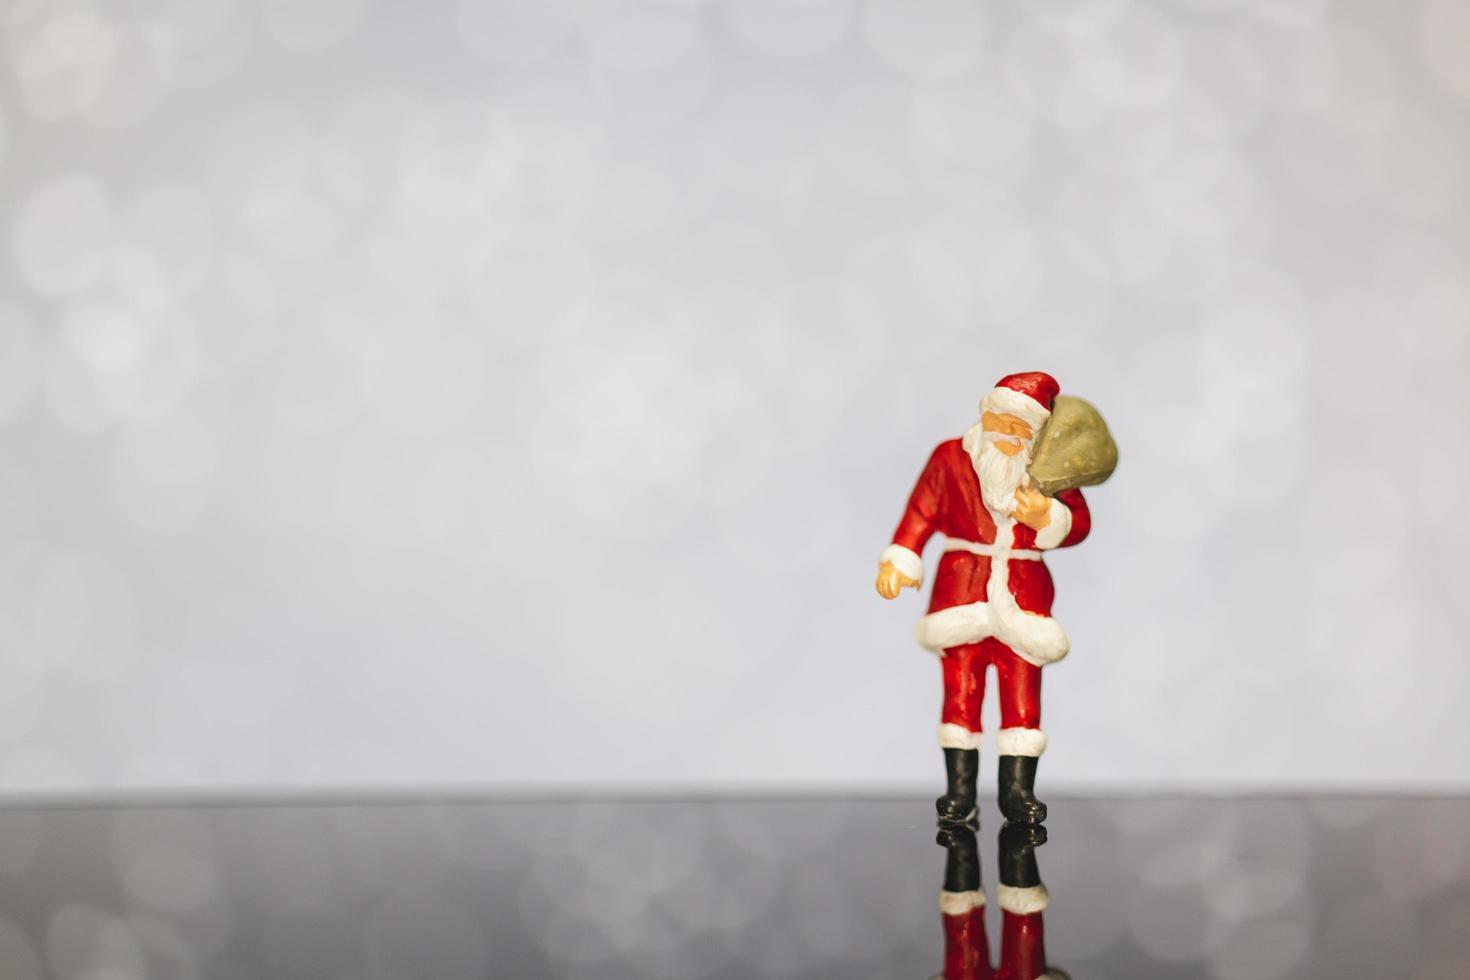 miniatyr jultomten bär en påse på en bokeh bakgrund, god jul och gott nytt år koncept. foto